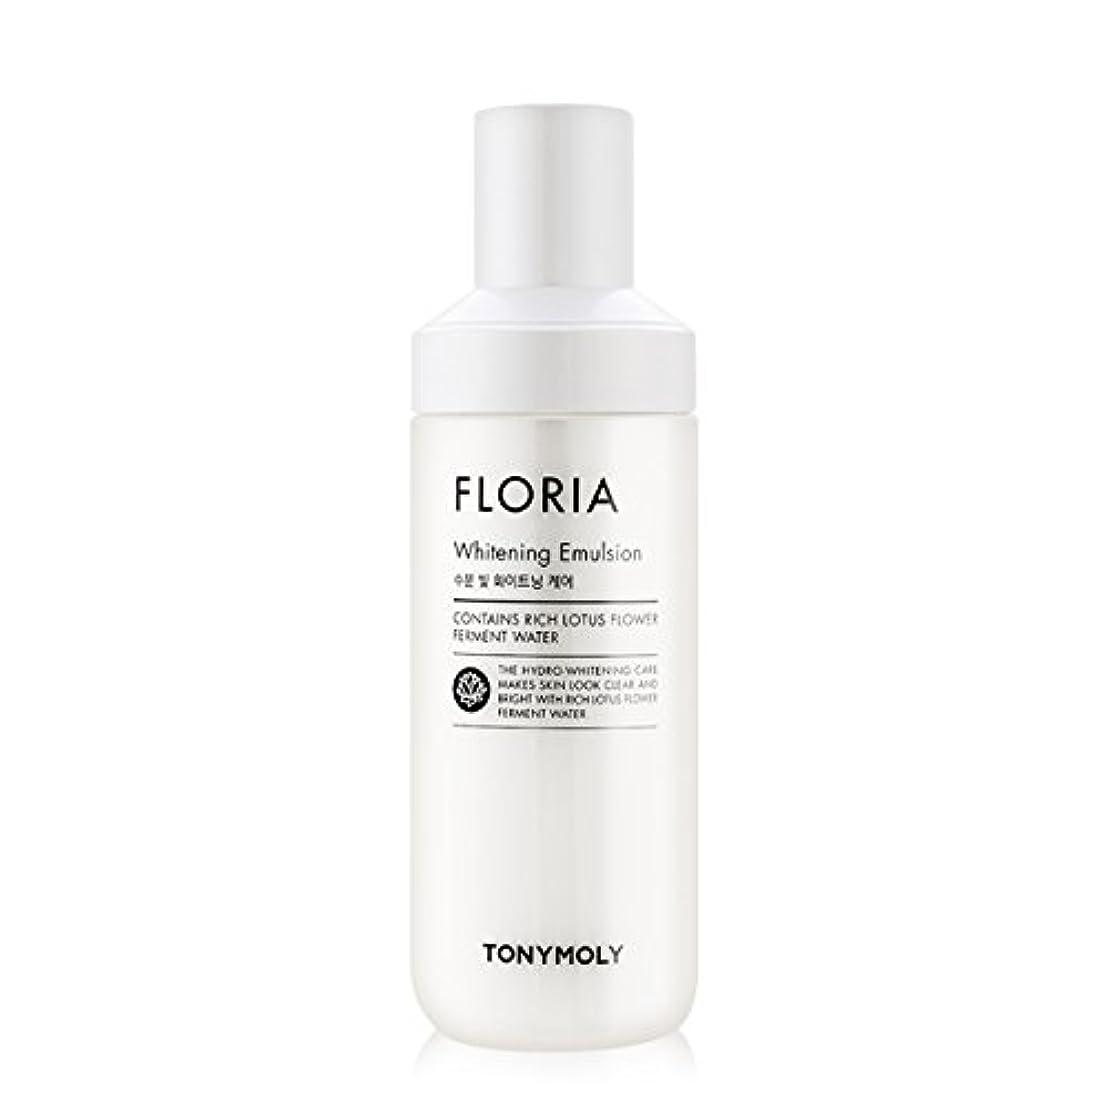 期待してカッターあらゆる種類の[2016 New] TONYMOLY Floria Whitening Emulsion 160ml/トニーモリー フロリア ホワイトニング エマルジョン 160ml [並行輸入品]